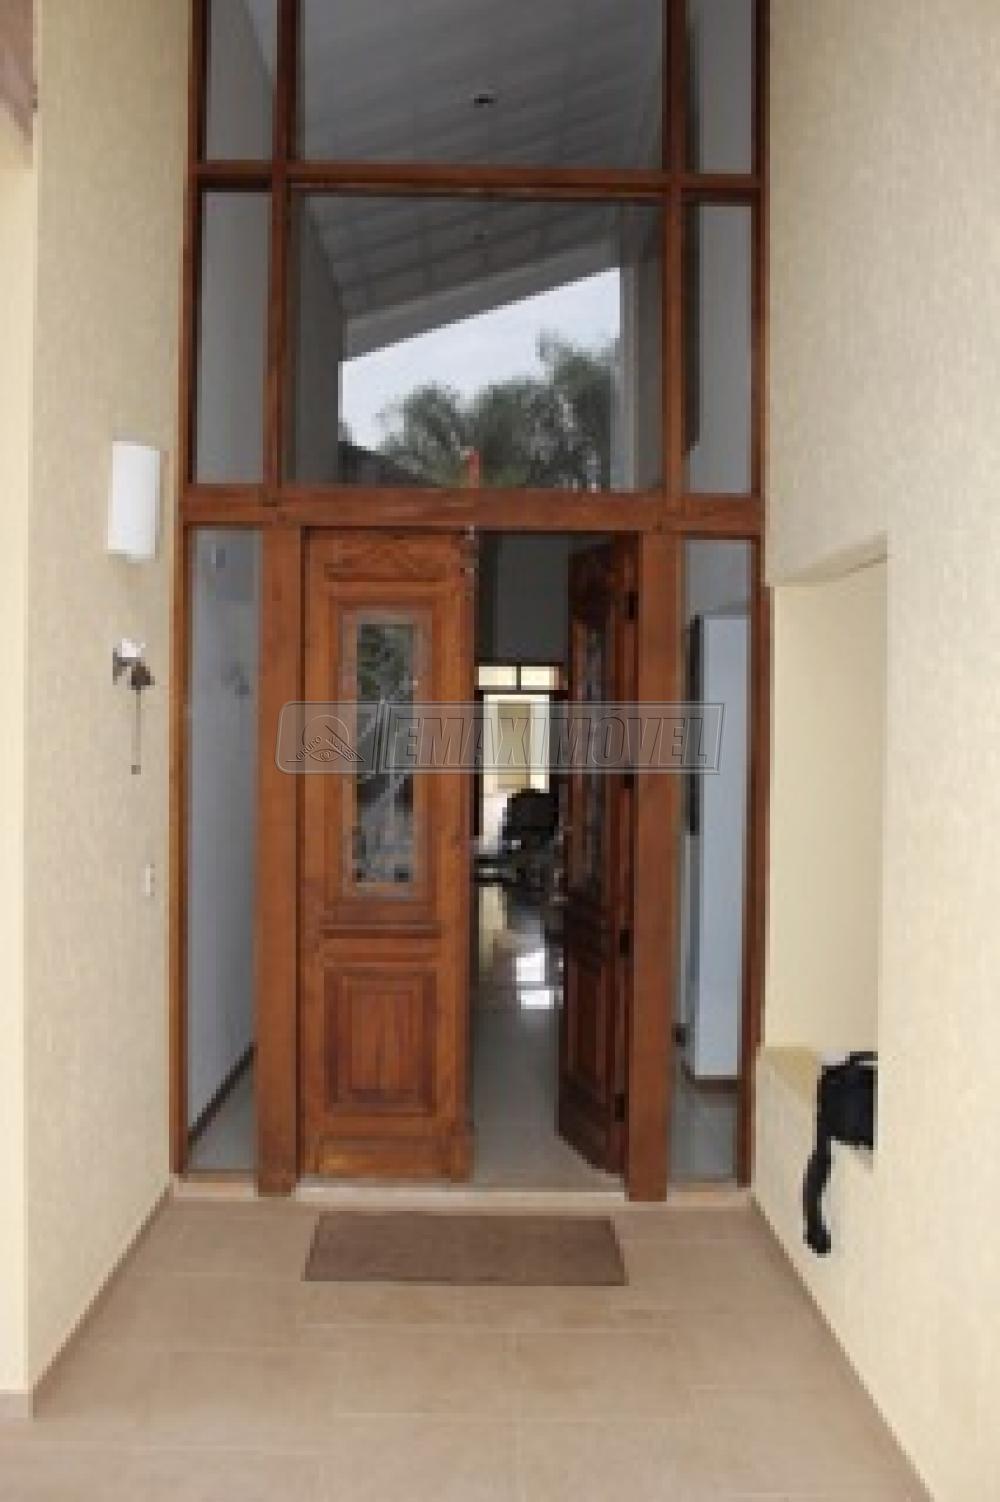 Comprar Casas / em Condomínios em Sorocaba R$ 1.600.000,00 - Foto 5